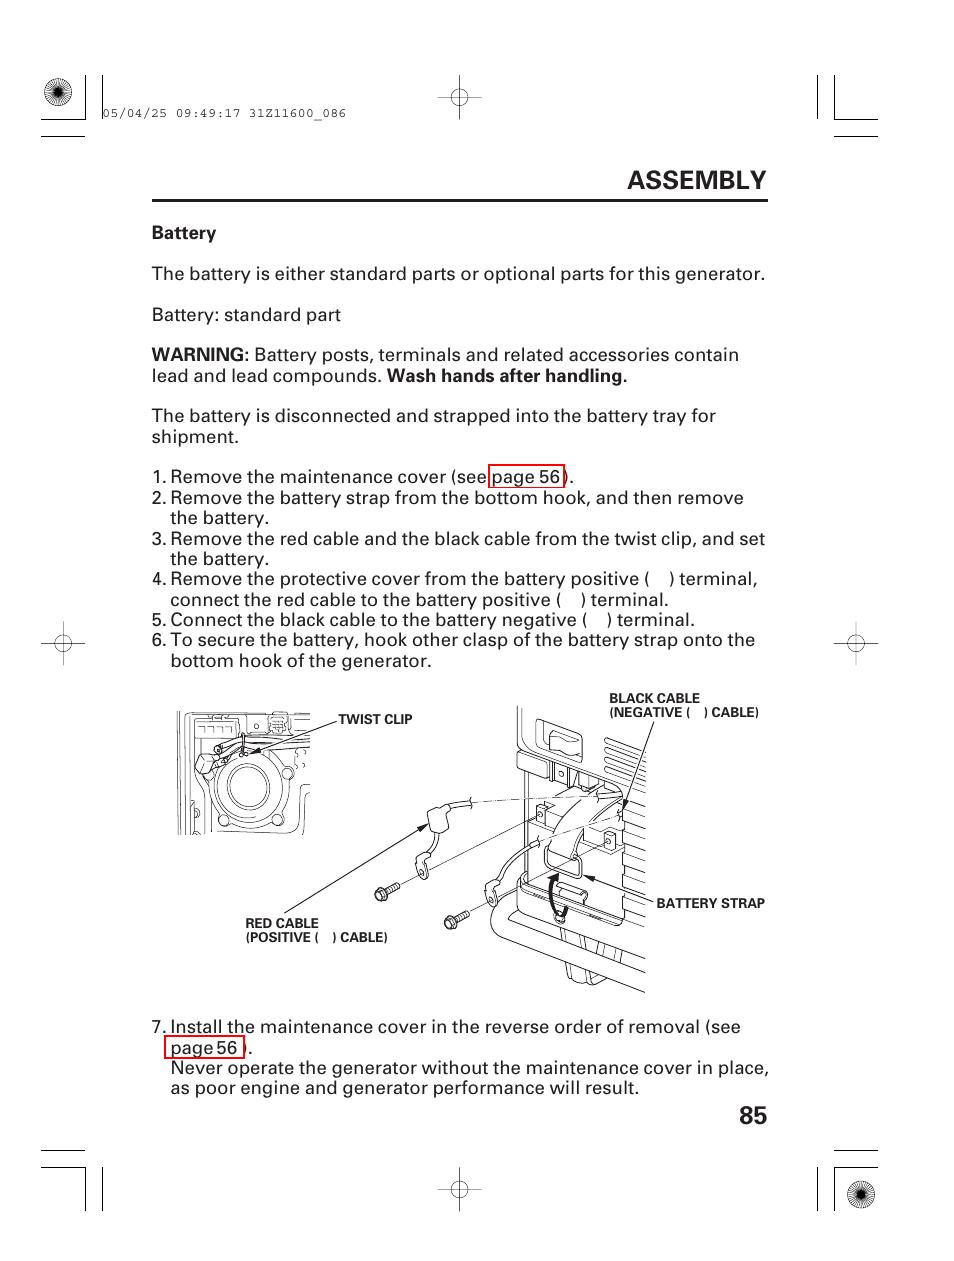 honda em7000is generator carburetor replacement guide Array - battery 85  assembly honda em7000is user manual page 87 100 rh manualsdir ...